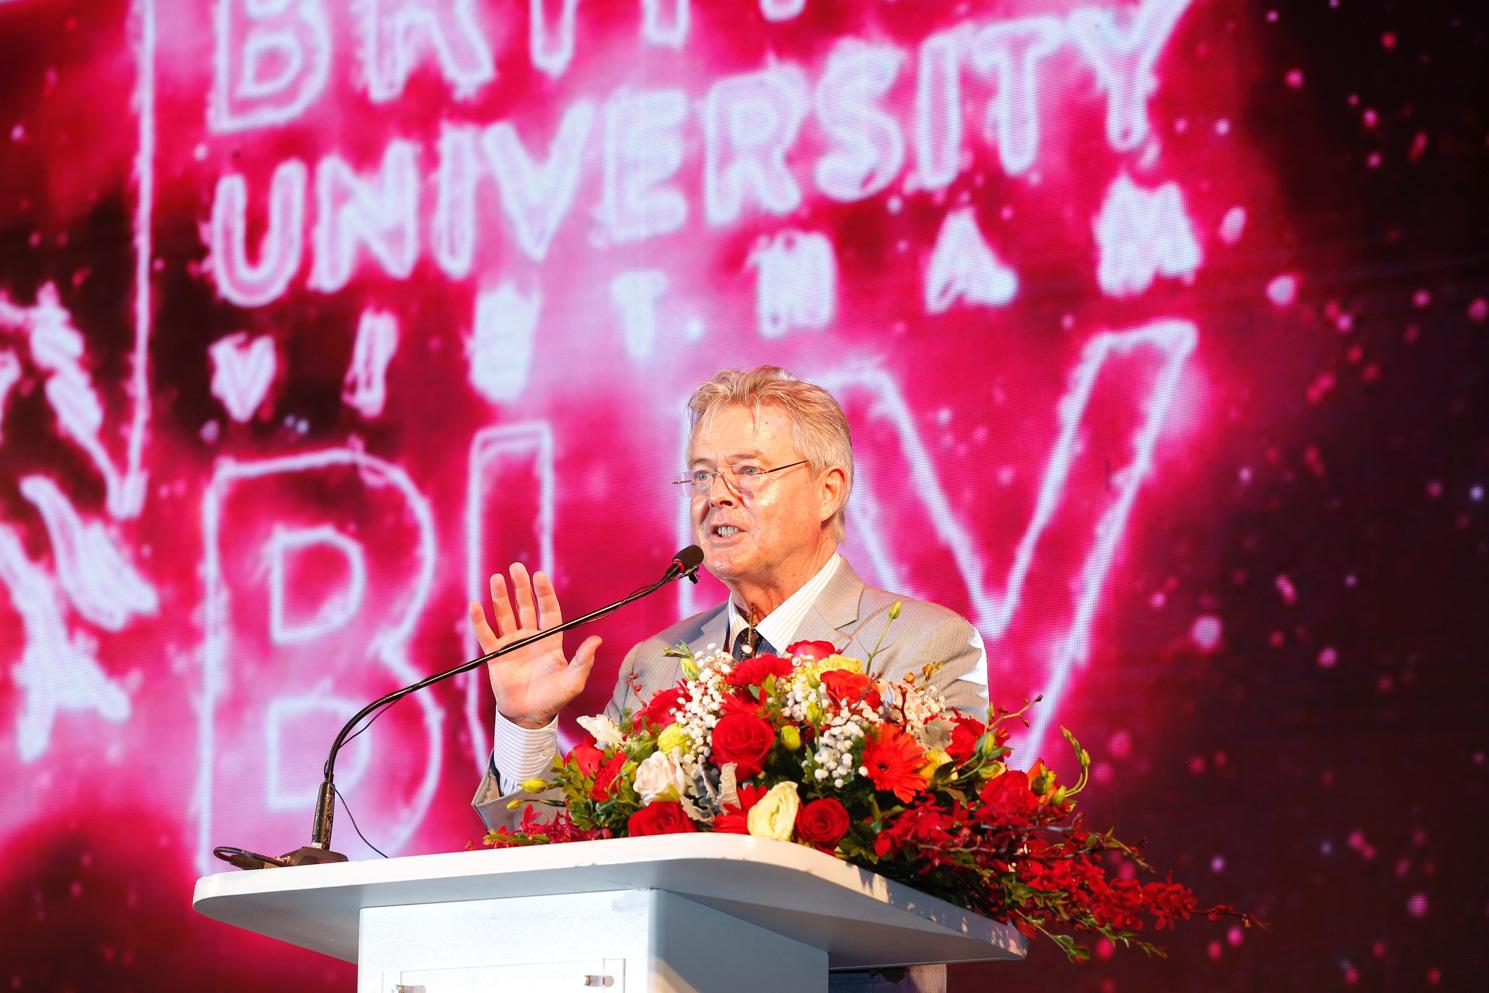 Trường Đại học Anh Quốc Việt Nam kỷ niệm 10 năm thành lập - Ảnh 1.